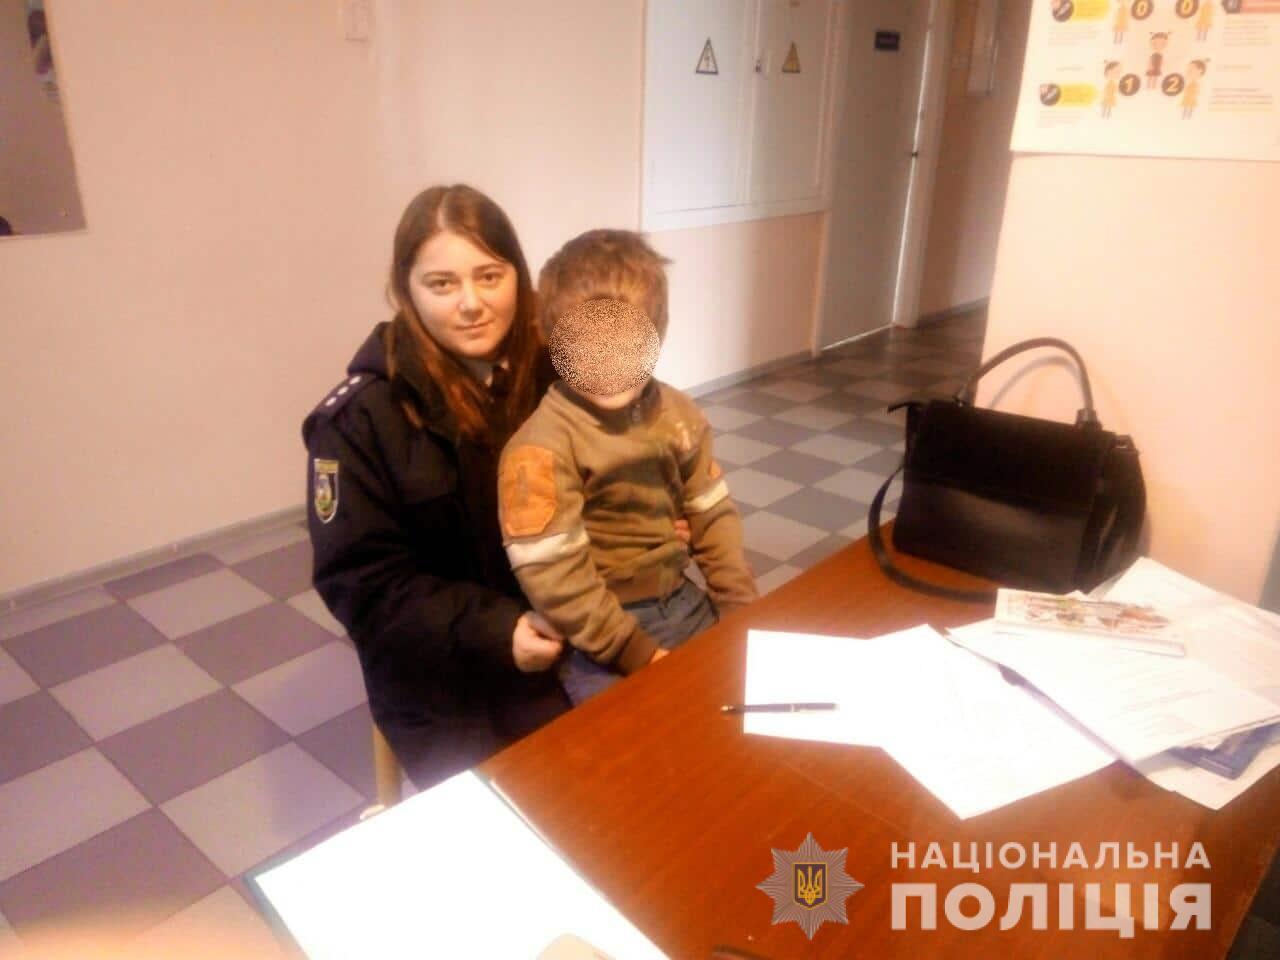 У холоді і хворі: трьох дітей поліція забрала у матері на Київщині - Поліція, київщина, Діти, Білоцерківщина, Білоцерківський район, Батьки - zh2